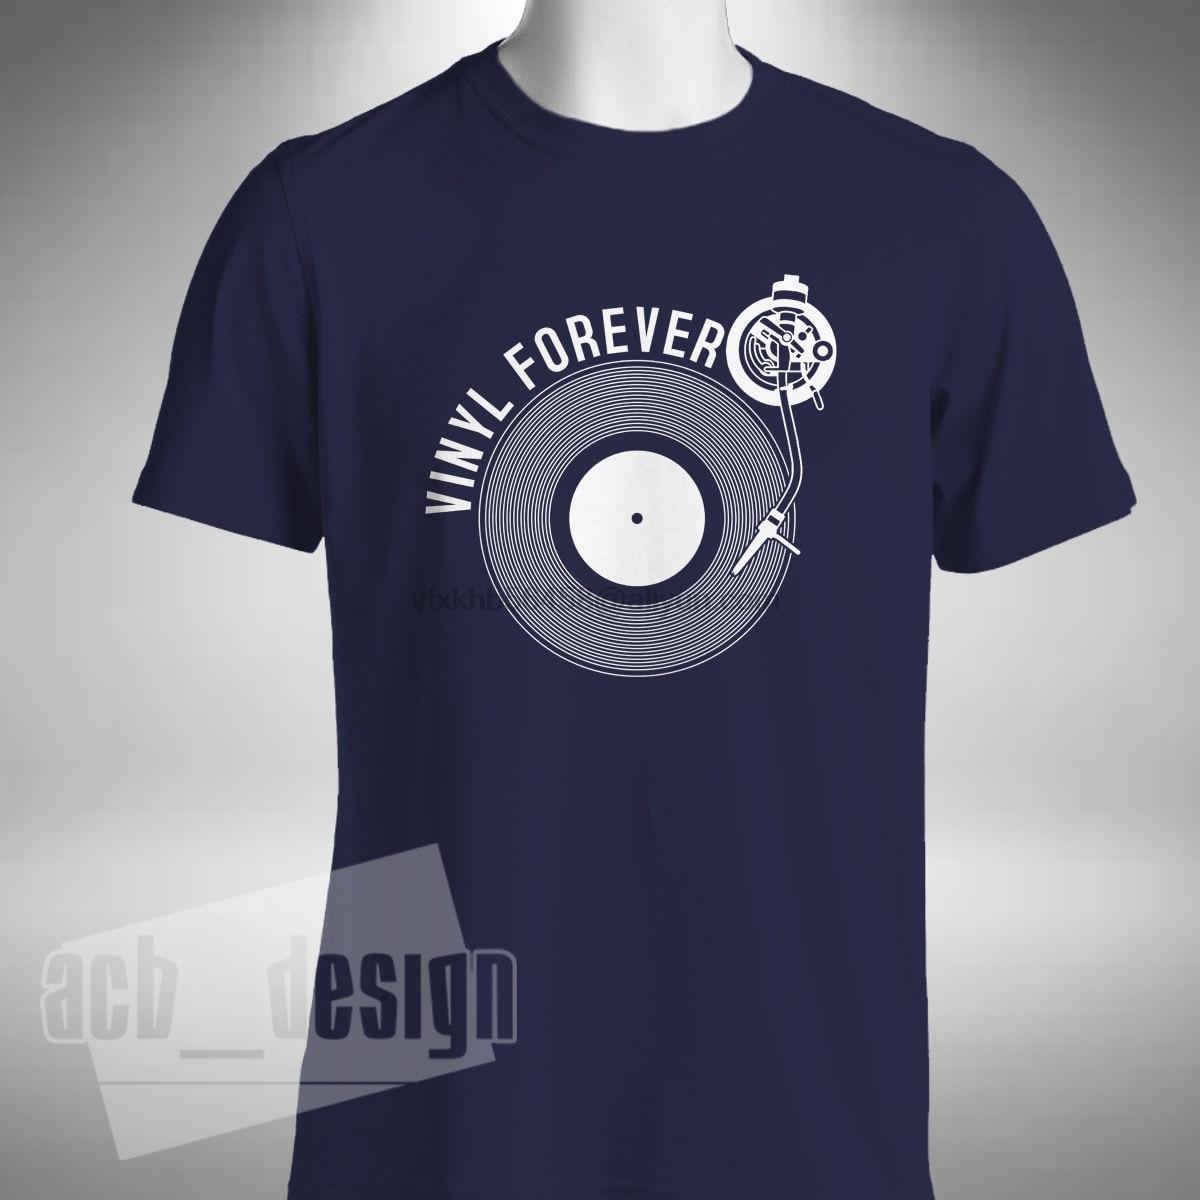 Nueva camiseta de moda de 2019, camiseta de vinilo para siempre, para hombre, camiseta de verano con grabador, Junkie, de vinilo, Old Skool Raver